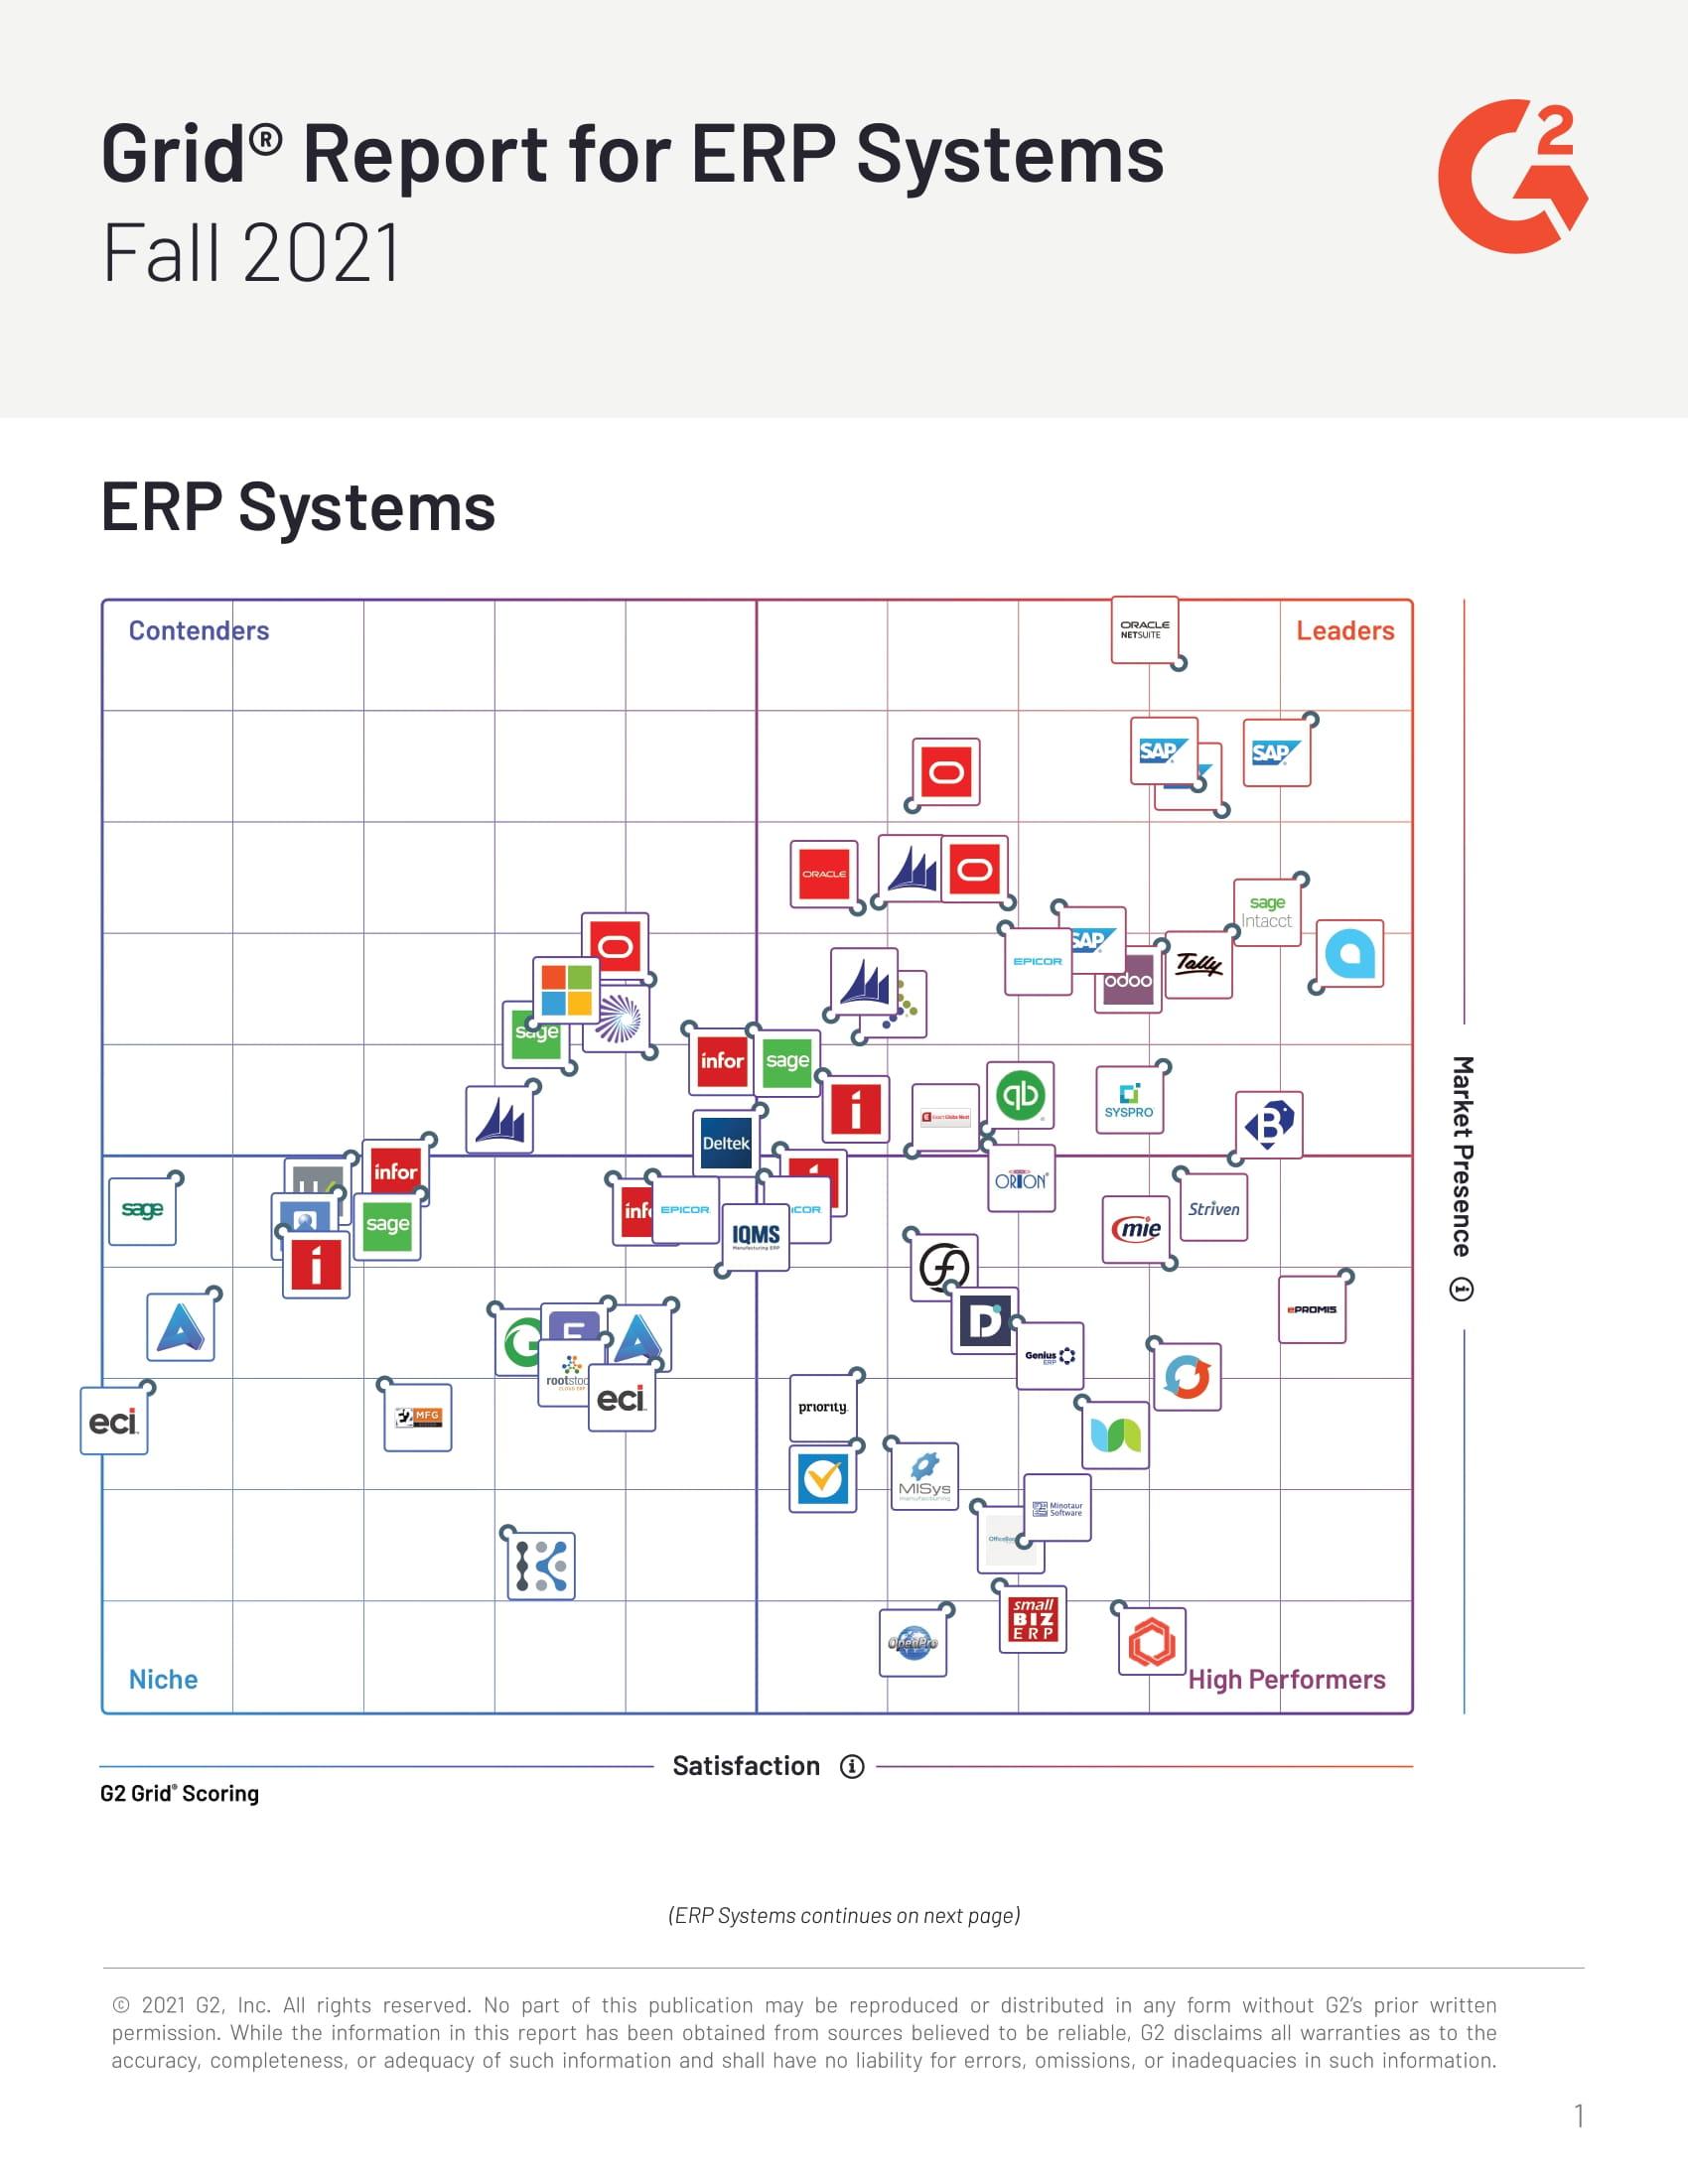 Get ERP Software Ratings for 67 Popular Platforms